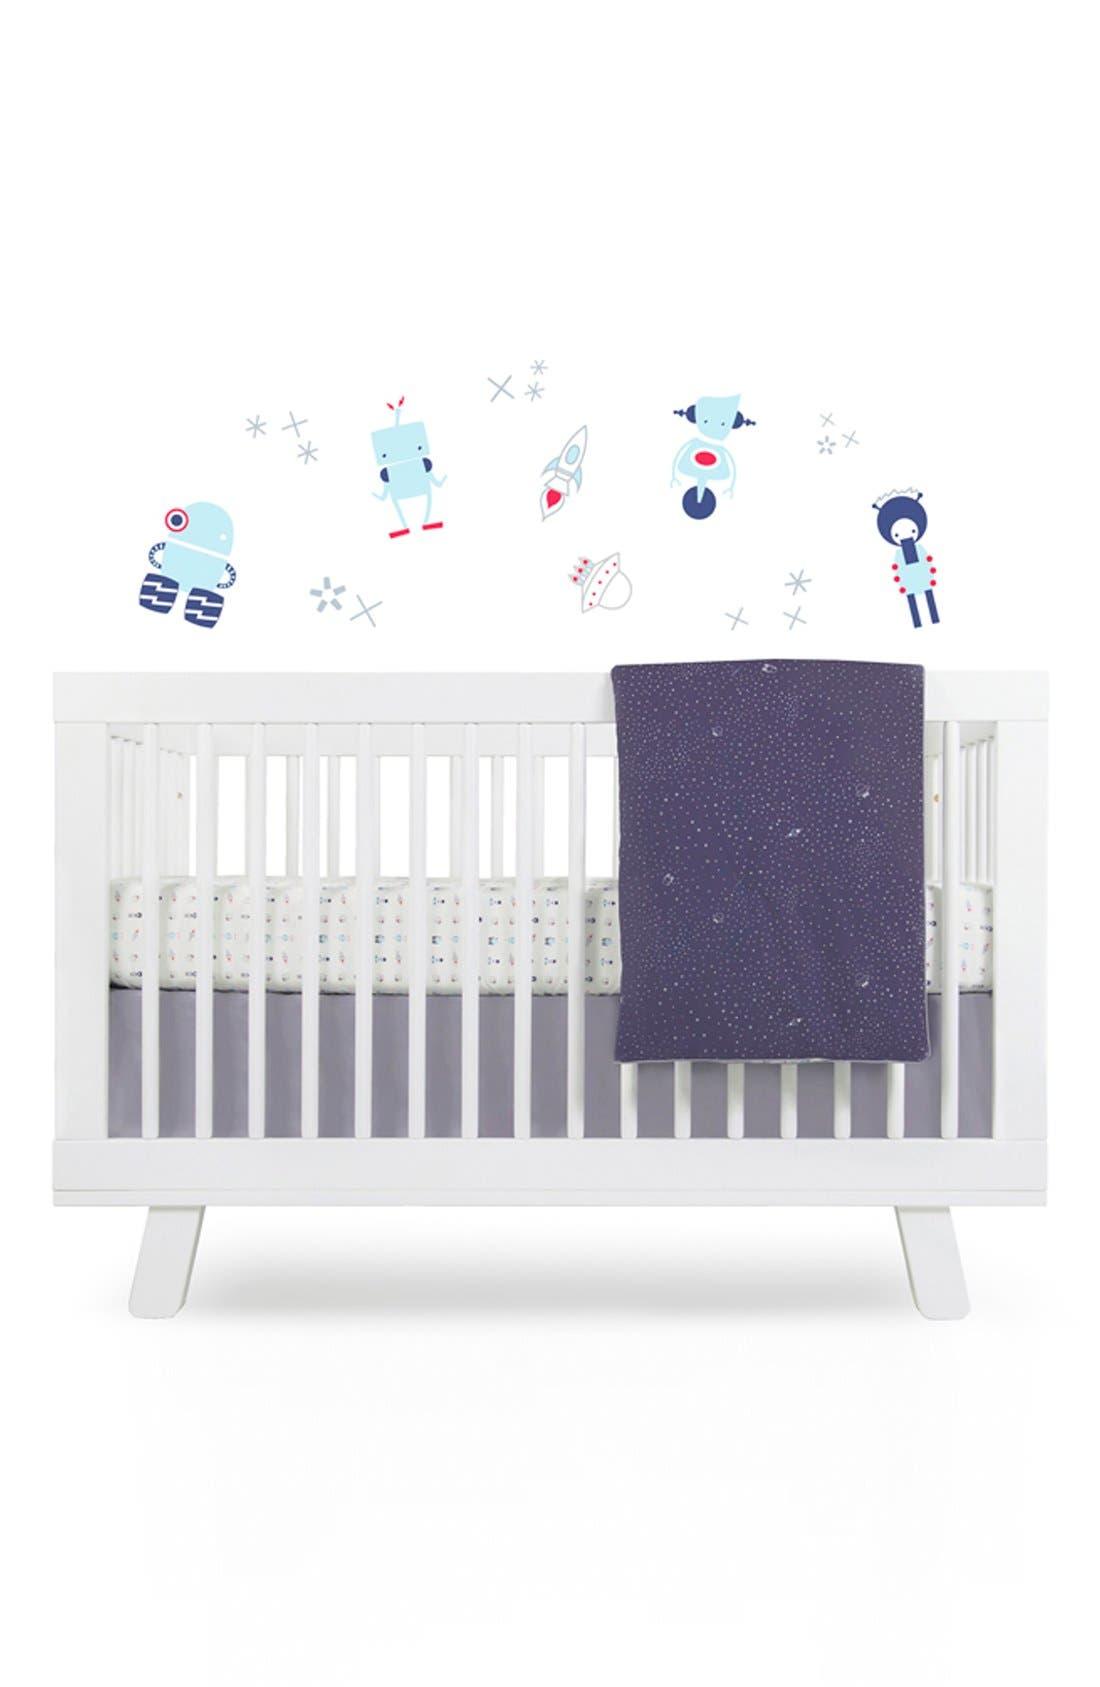 'Galaxy' Crib Sheet, Crib Skirt, Changing Pad Cover, Play Blanket & Wall Decals,                             Main thumbnail 1, color,                             020